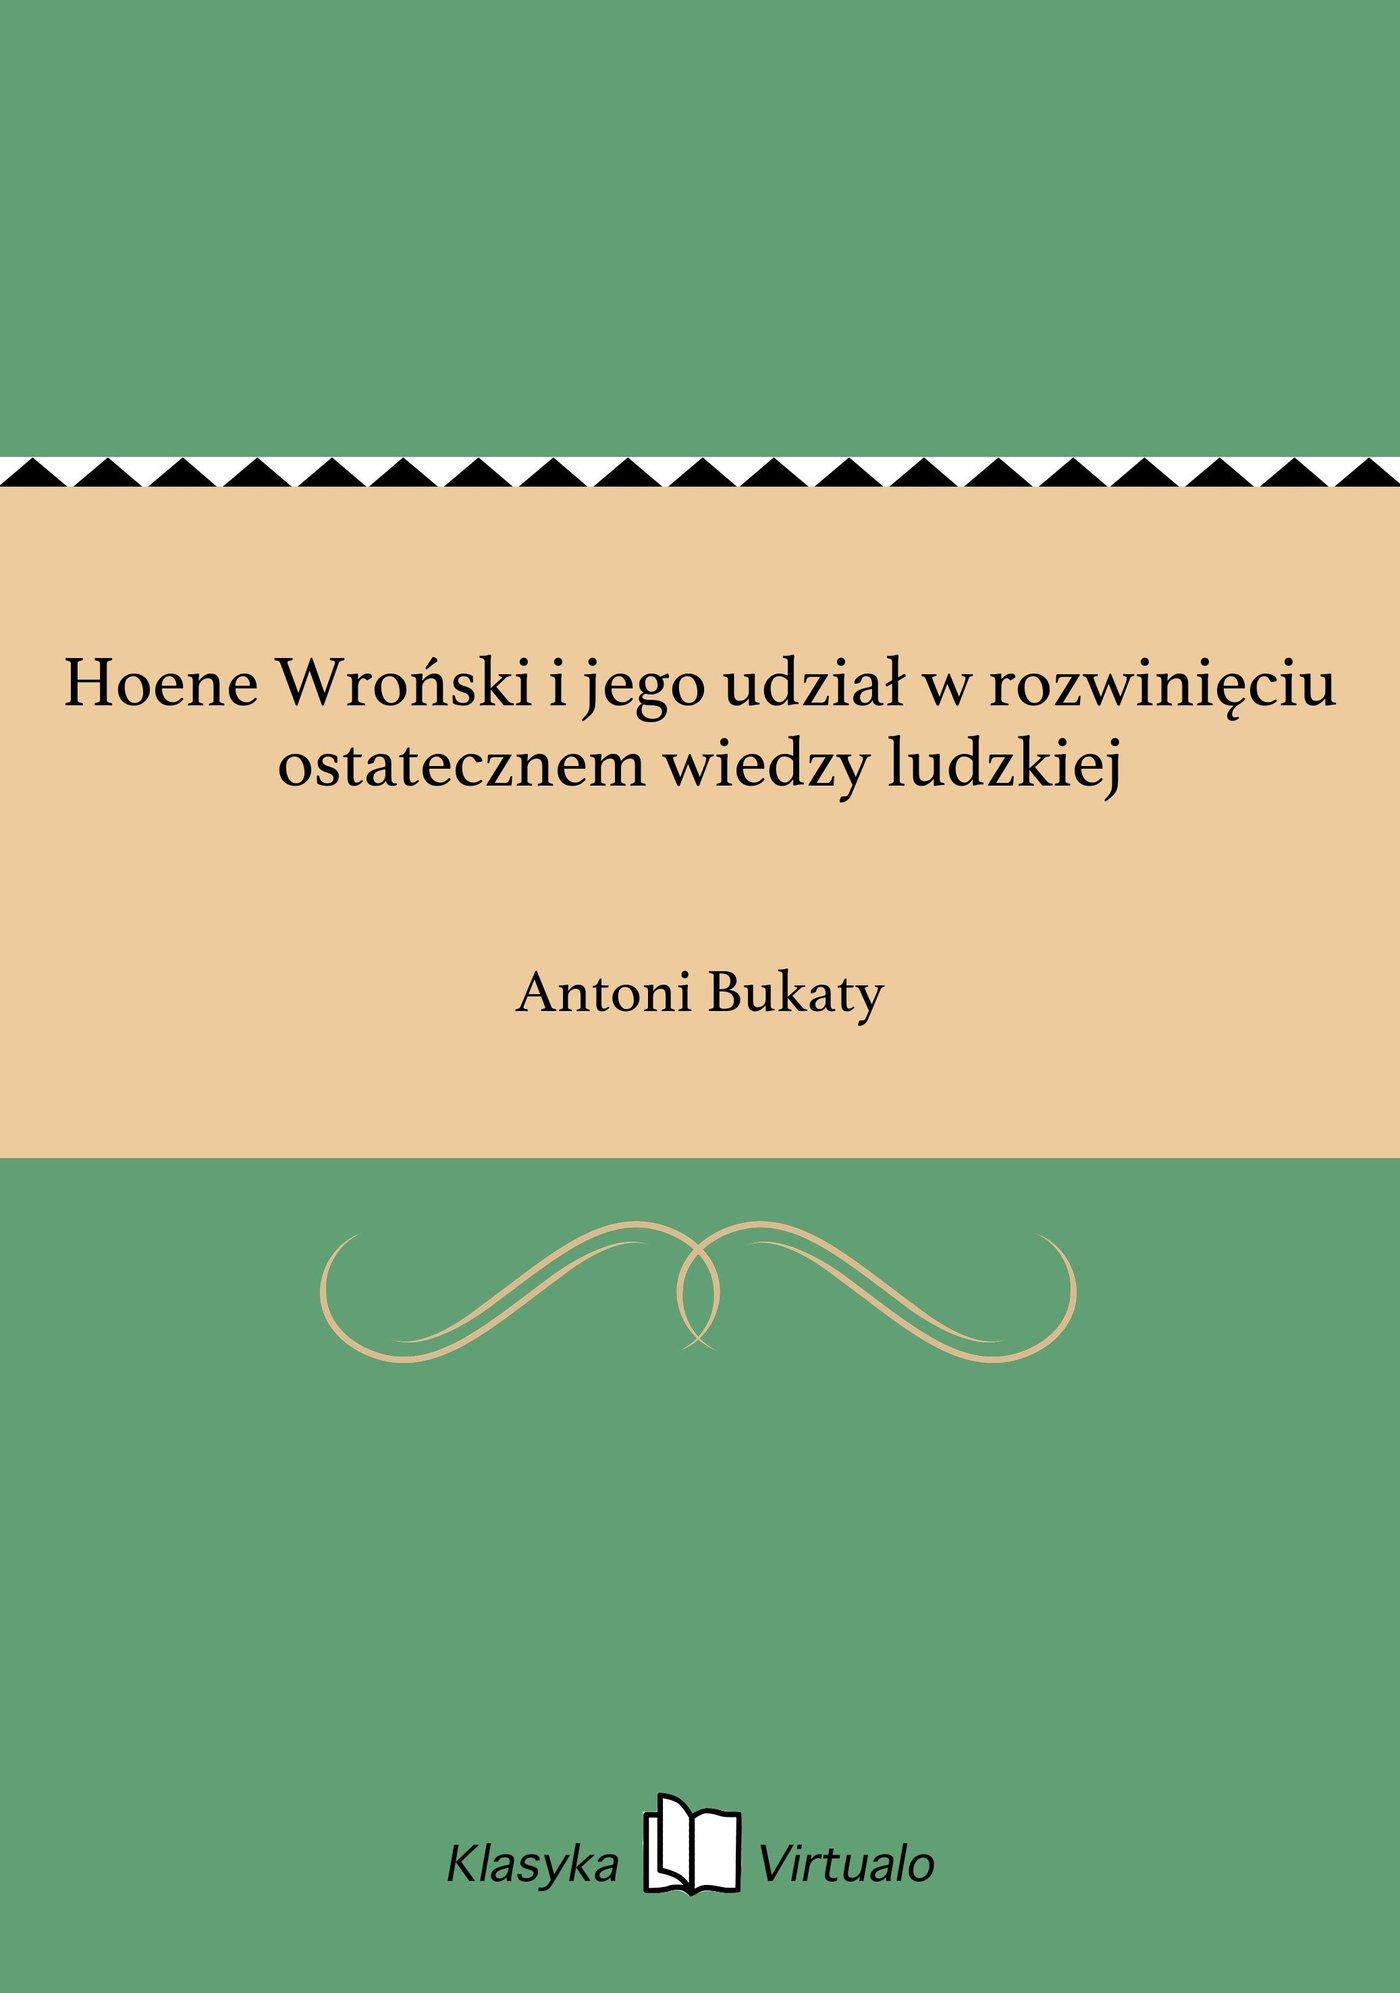 Hoene Wroński i jego udział w rozwinięciu ostatecznem wiedzy ludzkiej - Ebook (Książka EPUB) do pobrania w formacie EPUB